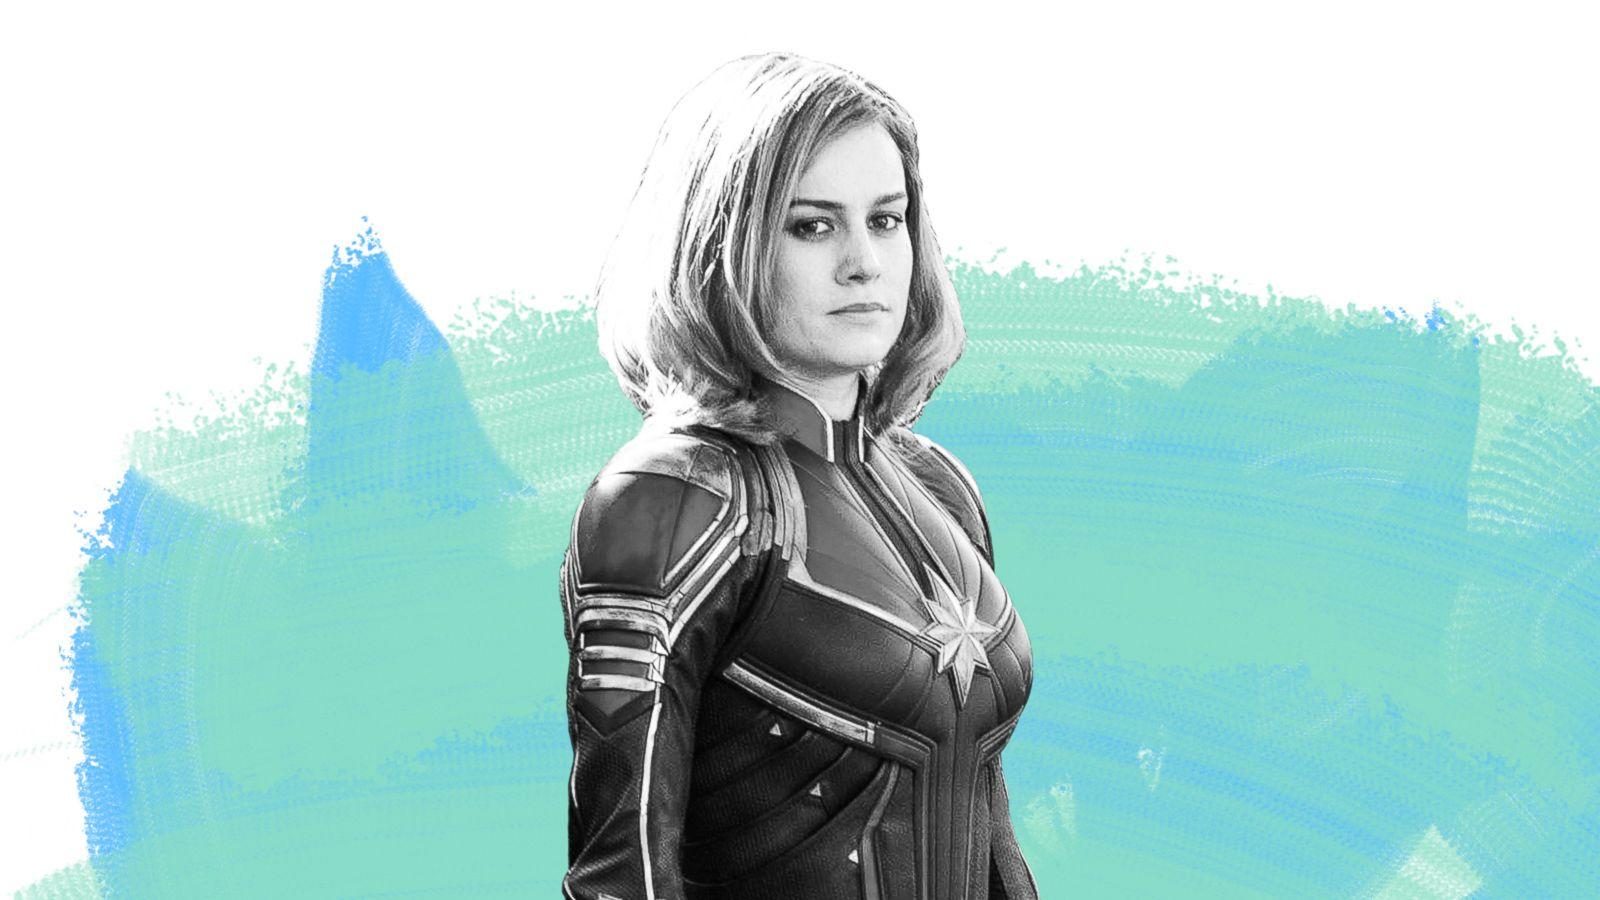 6 Superhero Inspired Moves To Train Like Captain Marvel Star Brie